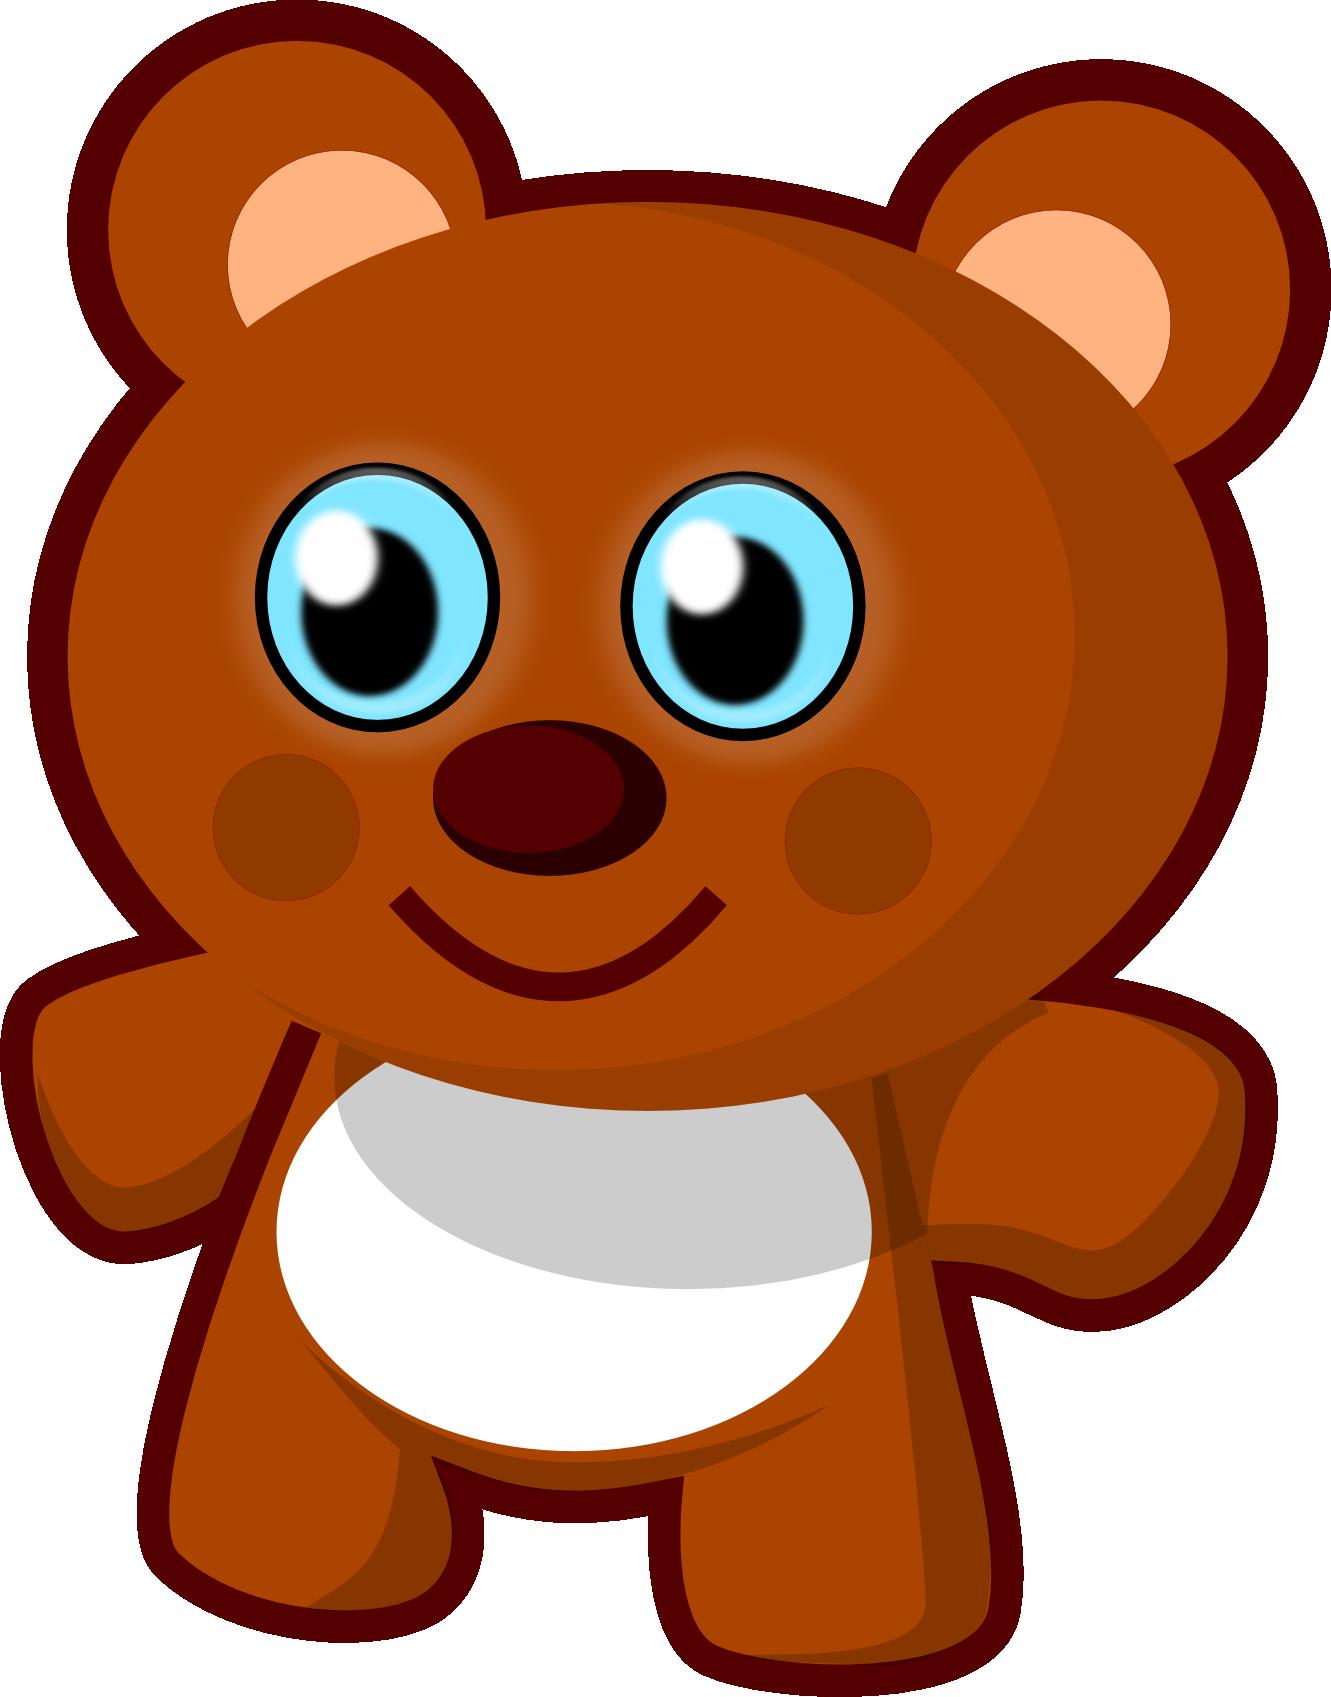 Teddy Bear Clip Art Free Clipart Images -Teddy bear clip art free clipart images 3 clipartbold-14